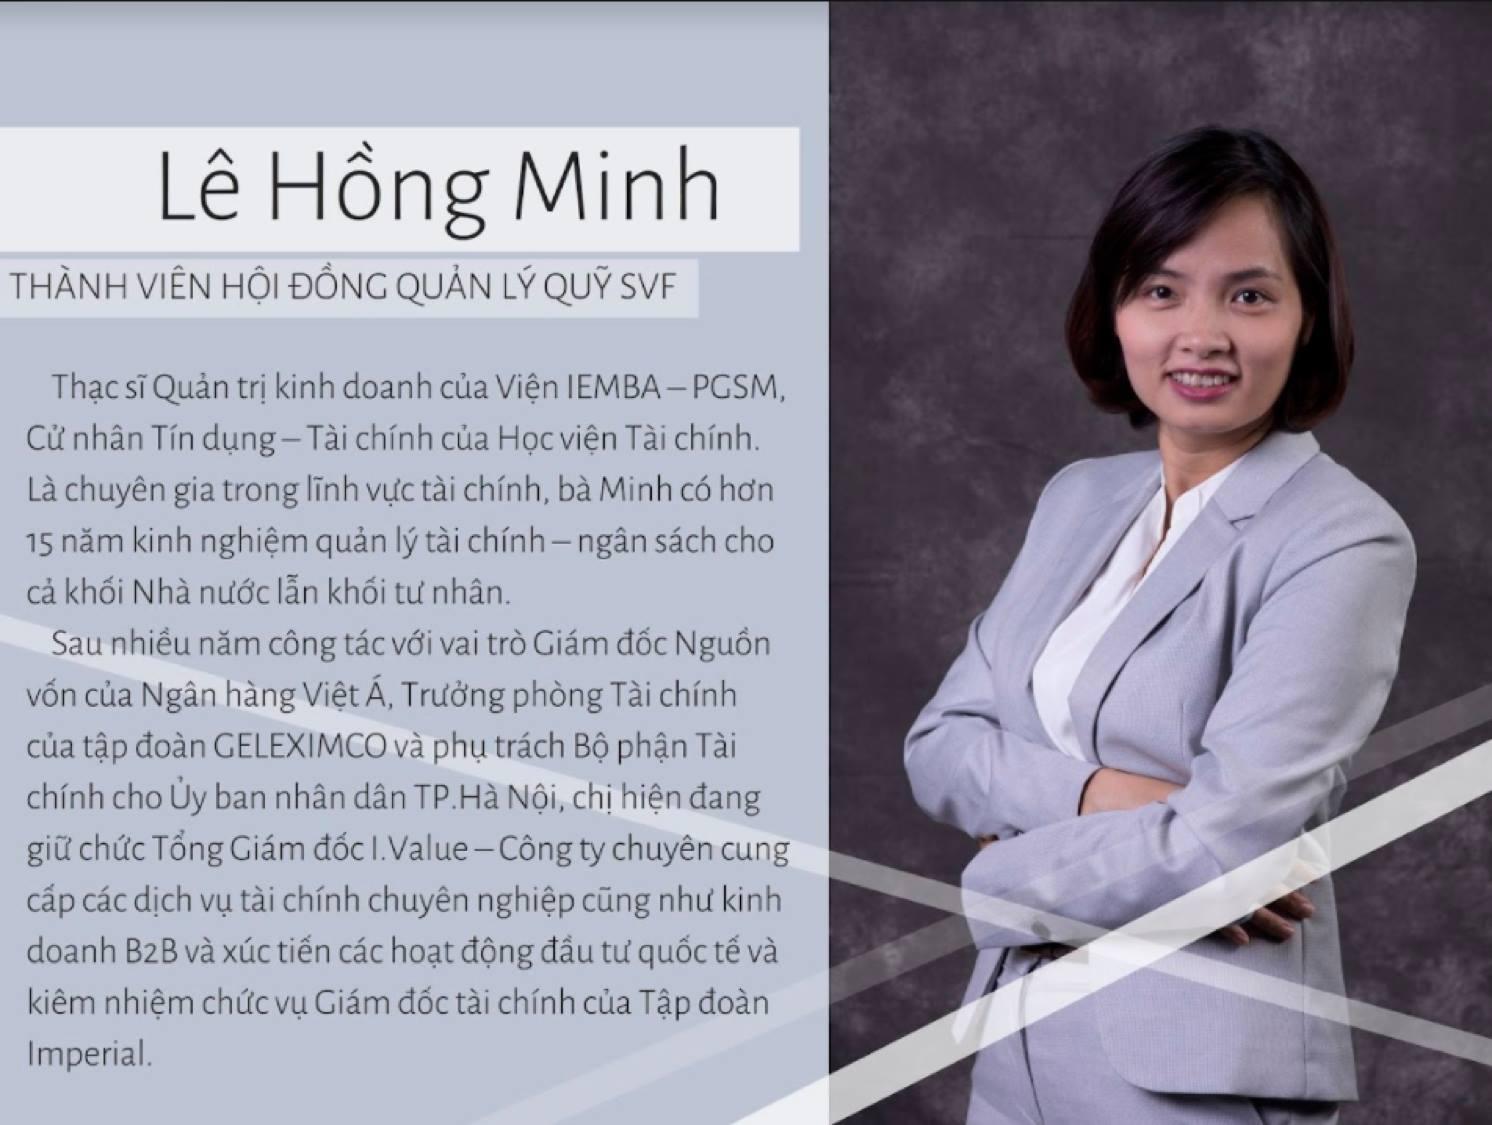 Thành Viên Hội Đồng Quản Lý Quỹ SVF Lê Hồng Minh